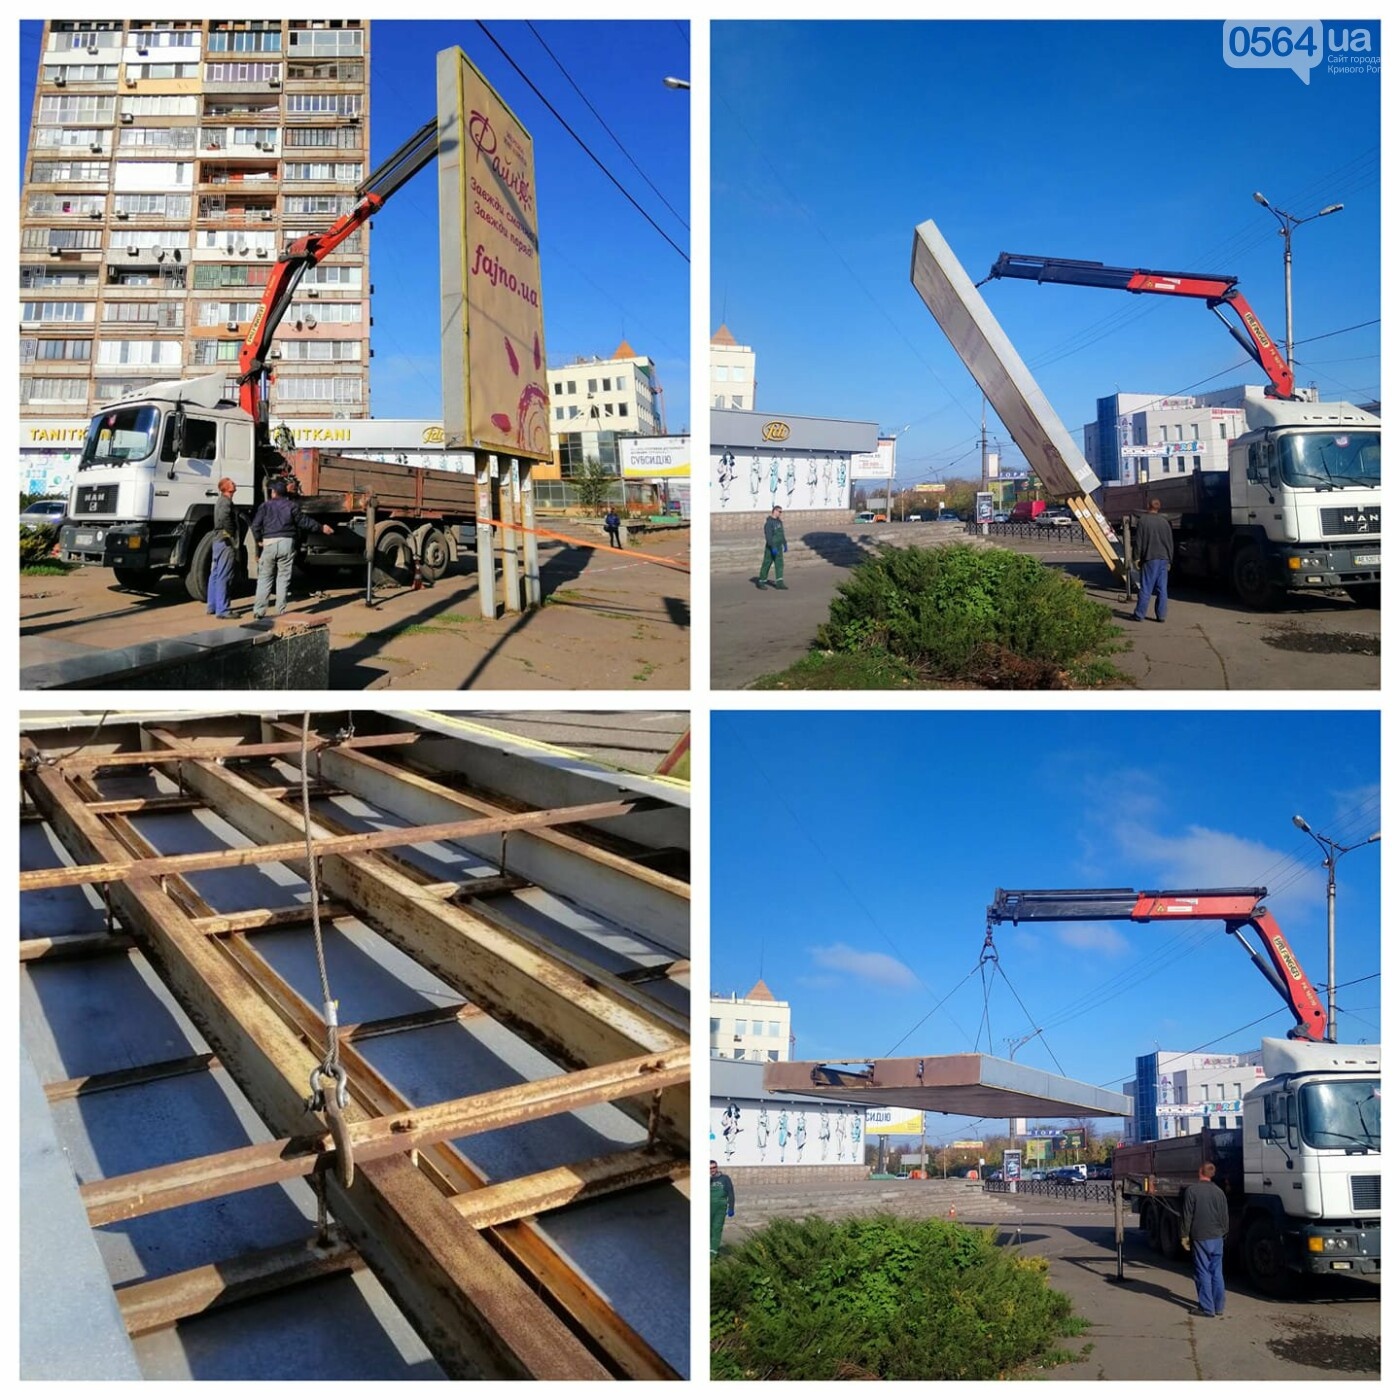 На 95 квартале в Кривом Роге демонтировали огромную незаконную конструкцию, - ФОТО, фото-1